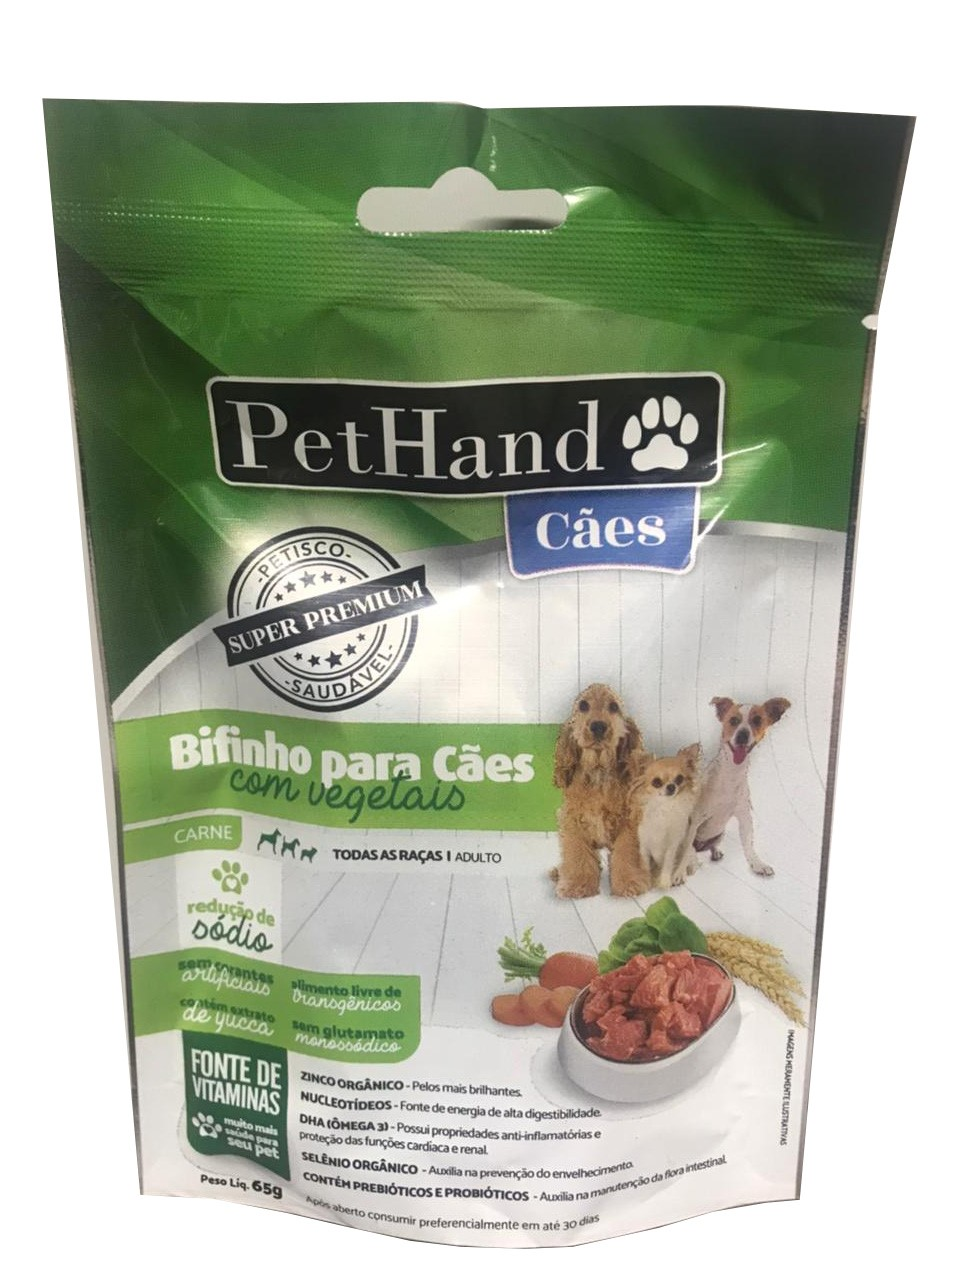 PetHand Cães Bifinho Super Premium Carne e Vegetais